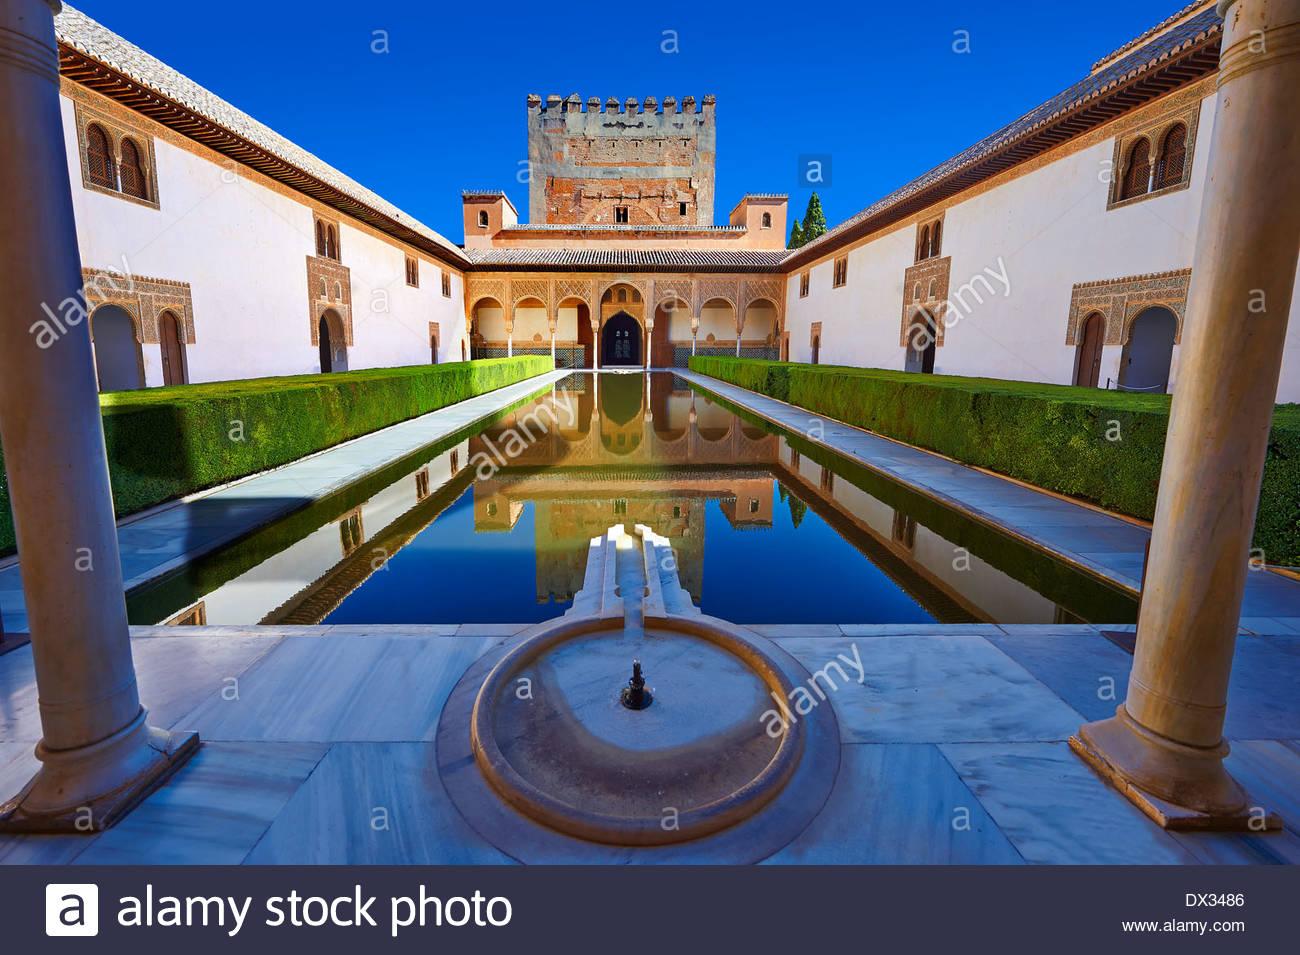 Arabesque architecture mauresque et l'étang de la Cour des Myrtes du Palacios Nazaries, à l'Alhambra. Granada, Espagne Photo Stock